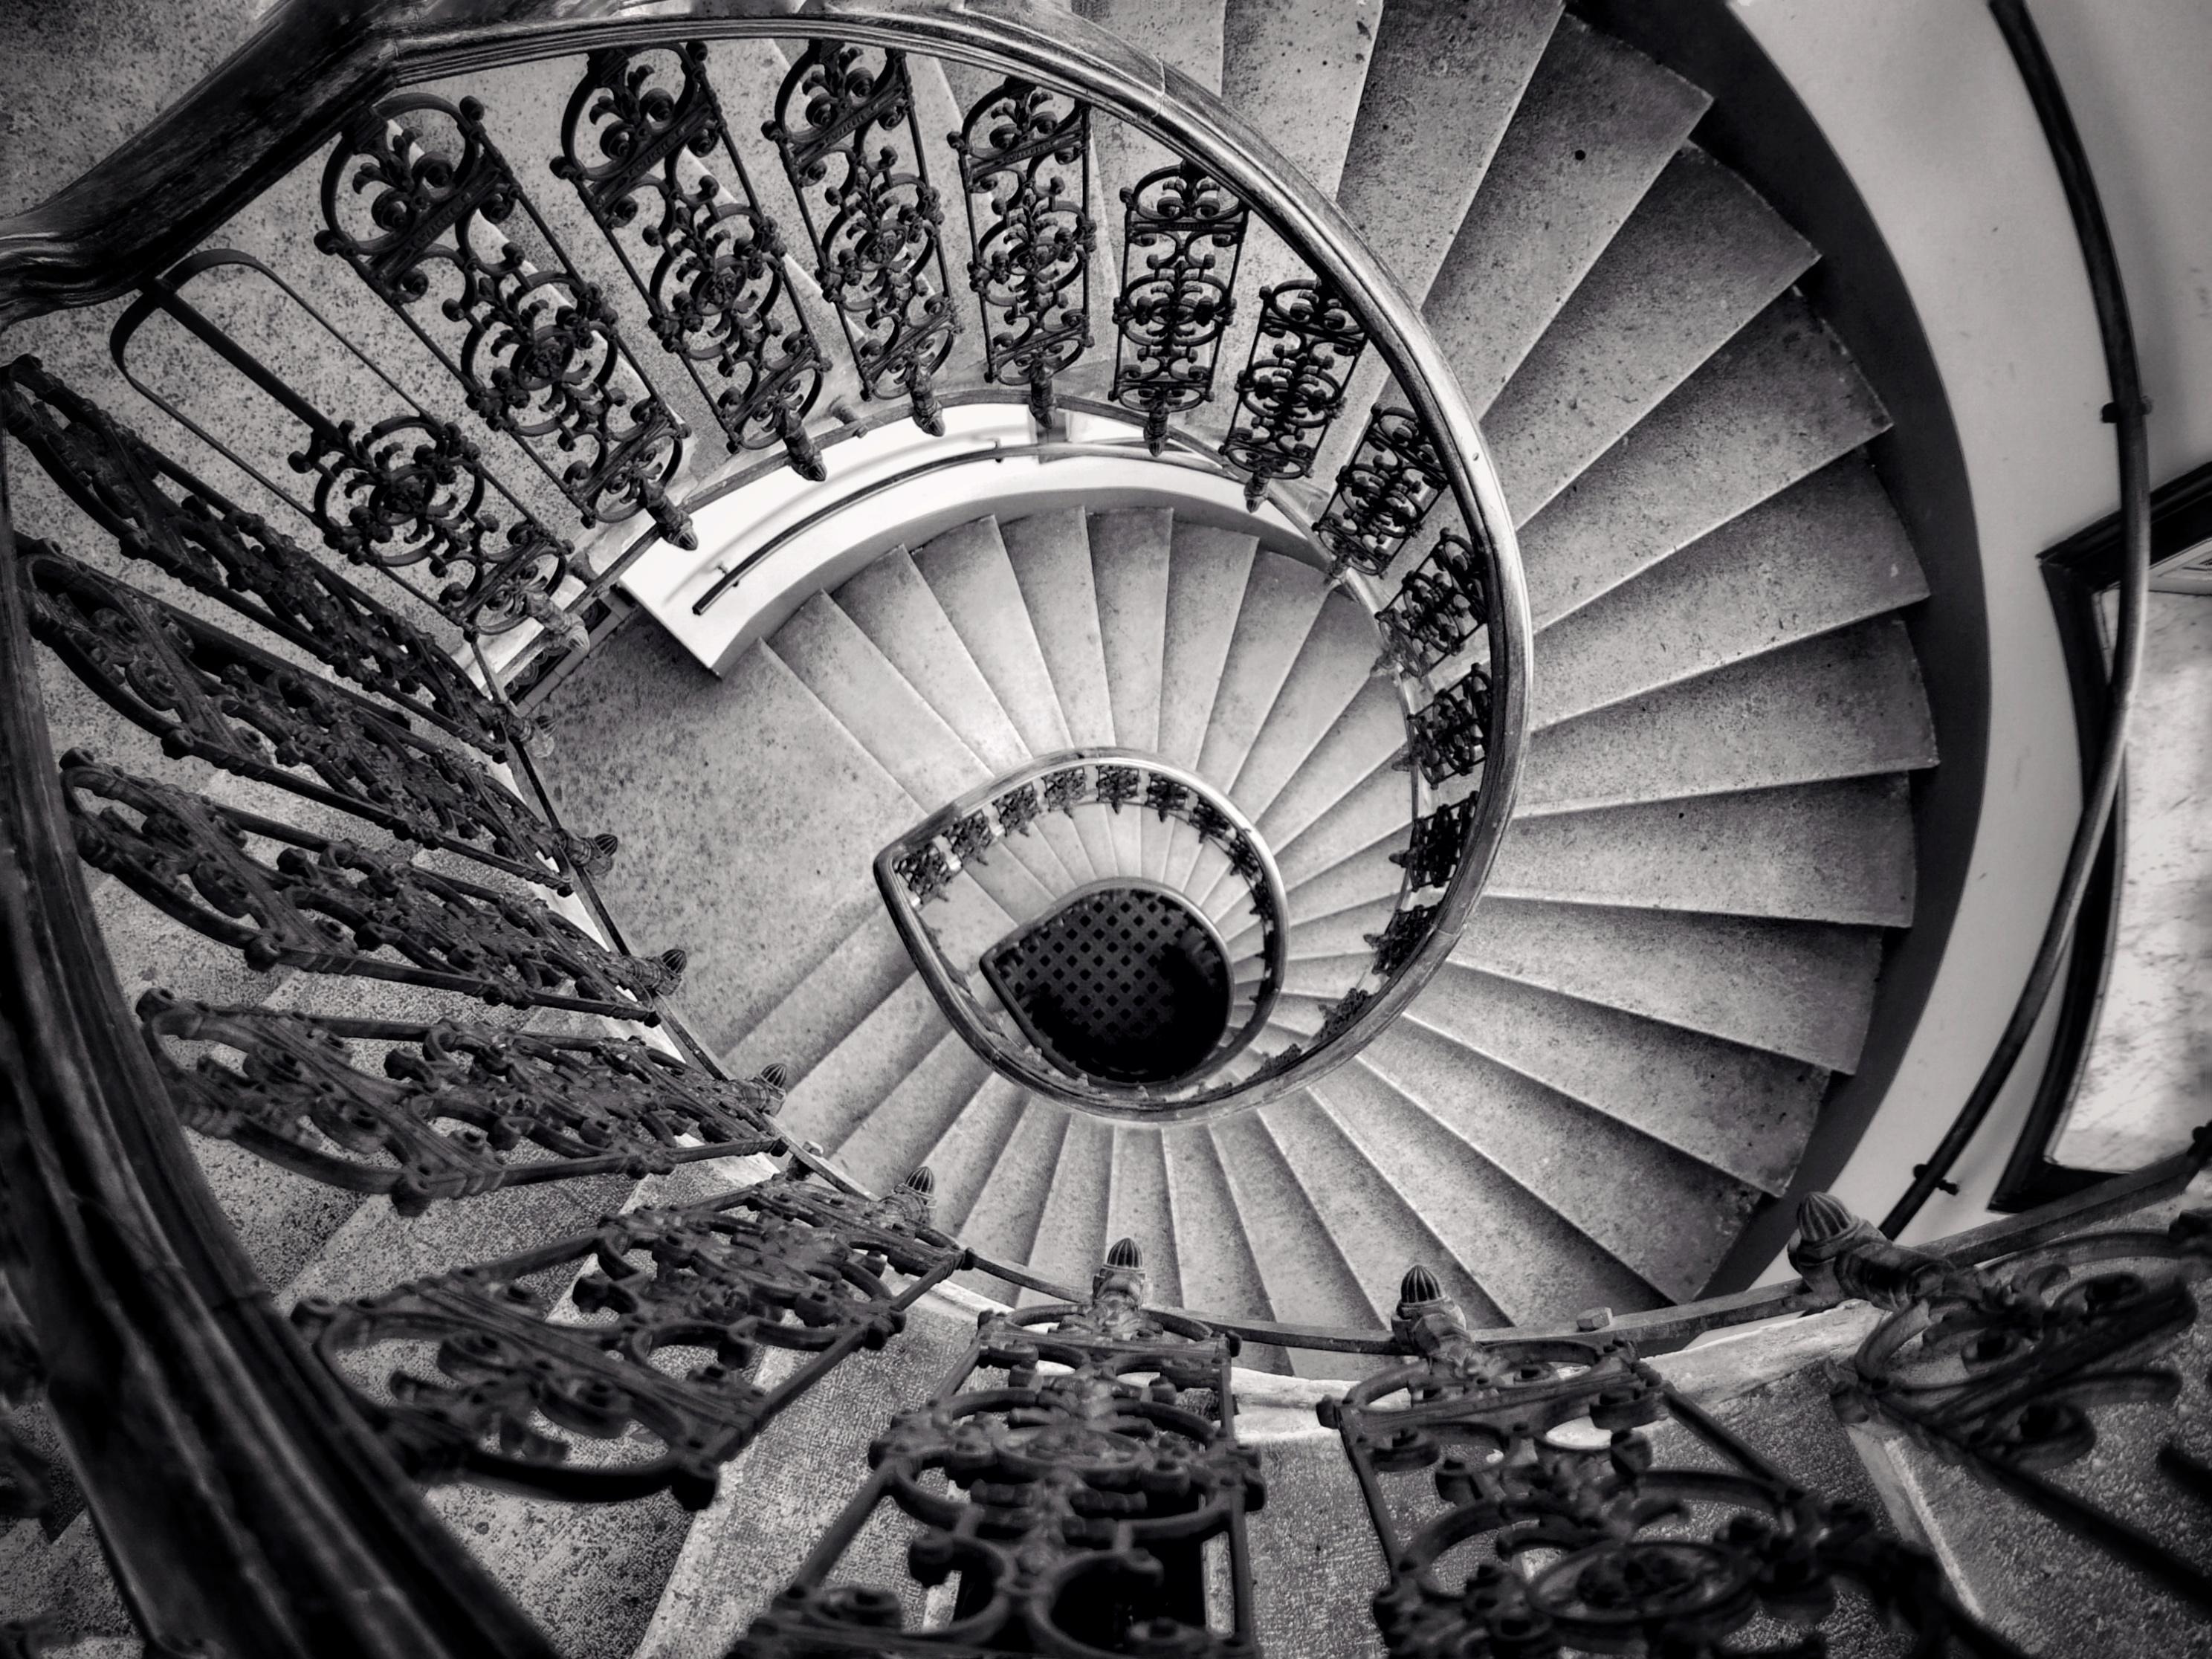 Staircase, Vienna | Anne Seubert